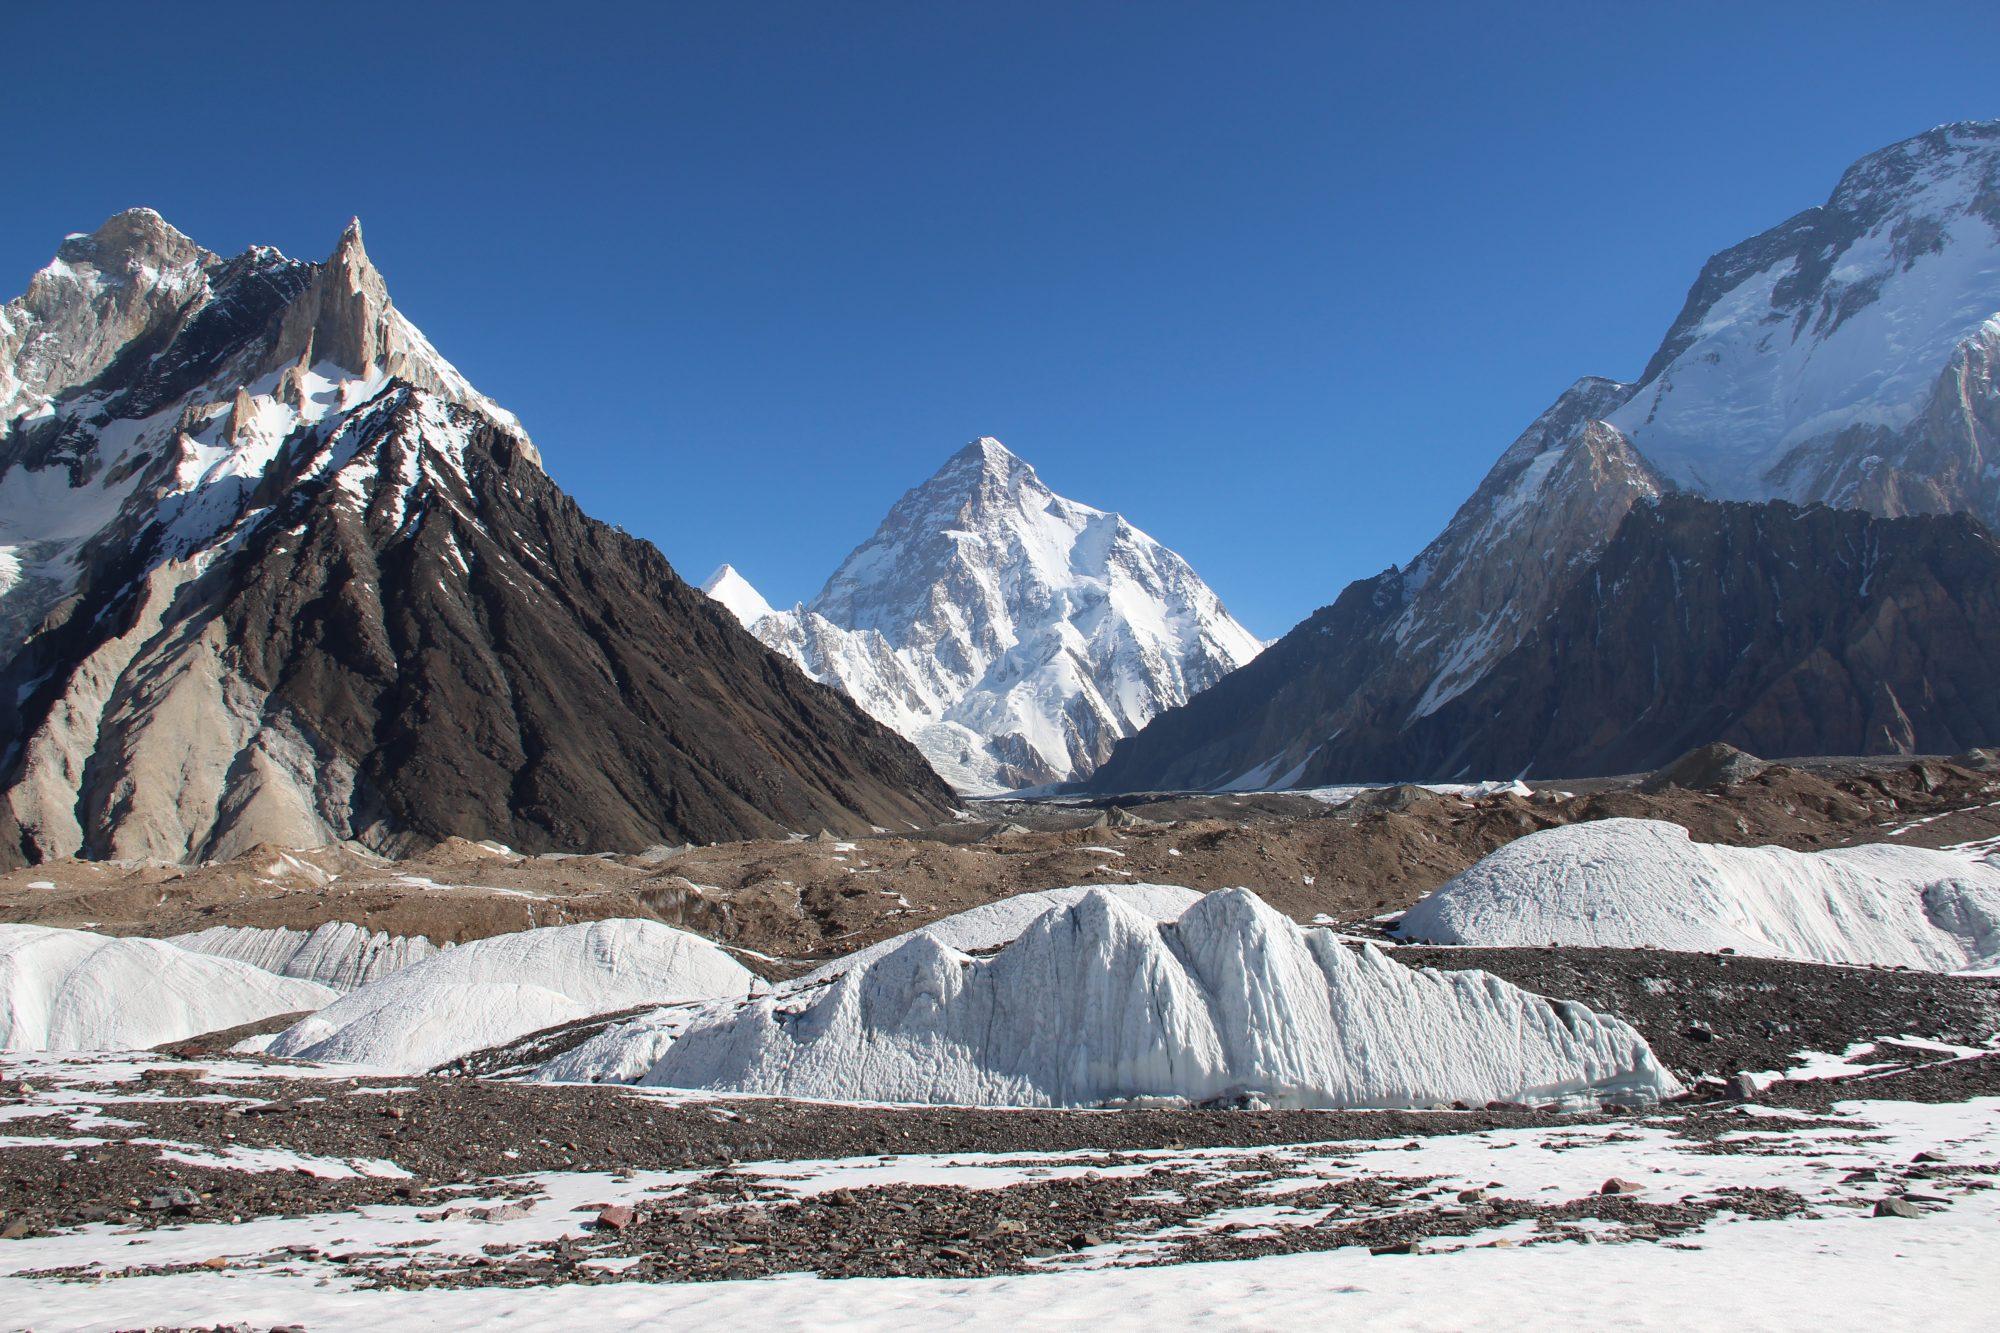 06. Il K2 (8611m) visto da Concordia, sul ghiacciaio del Baltoro